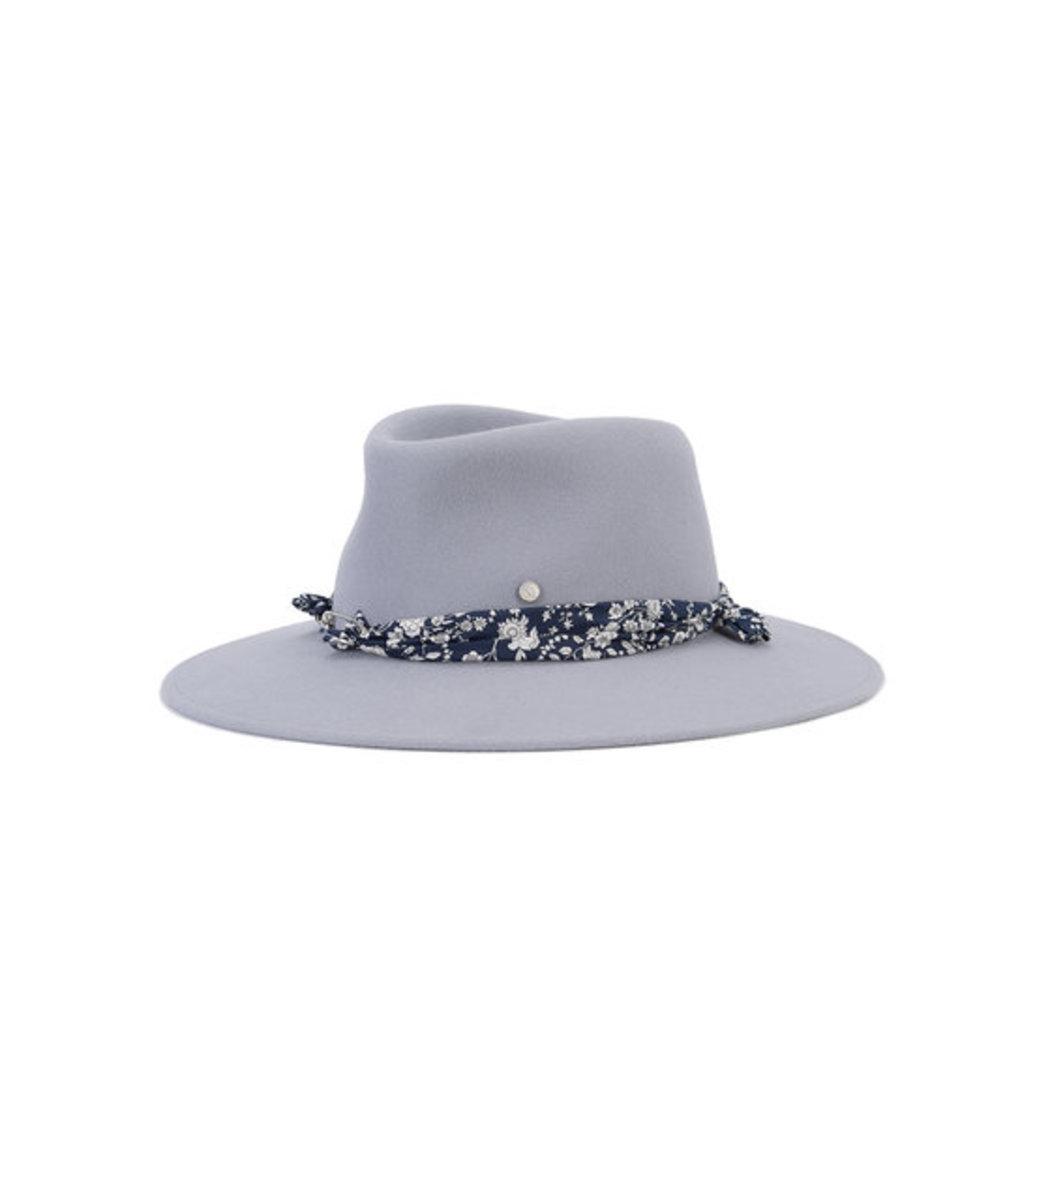 Lyst - Maison Michel Grey  pierre  Floral Band Hat in Gray 85435de8e672